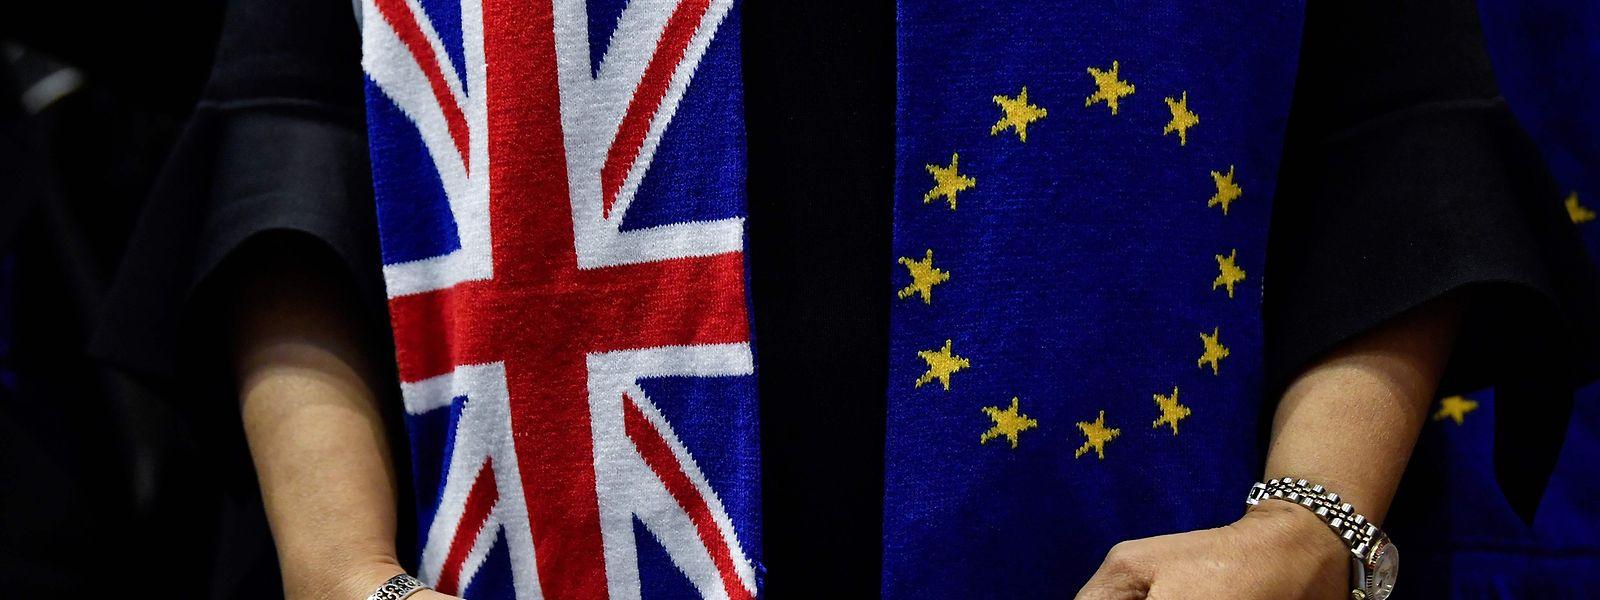 Nach dem Austritt Großbritanniens aus der EU, müssen hier wohnende EU-Bürger einen Antrag auf Bleiberecht bei den britischen Behörden einreichen.